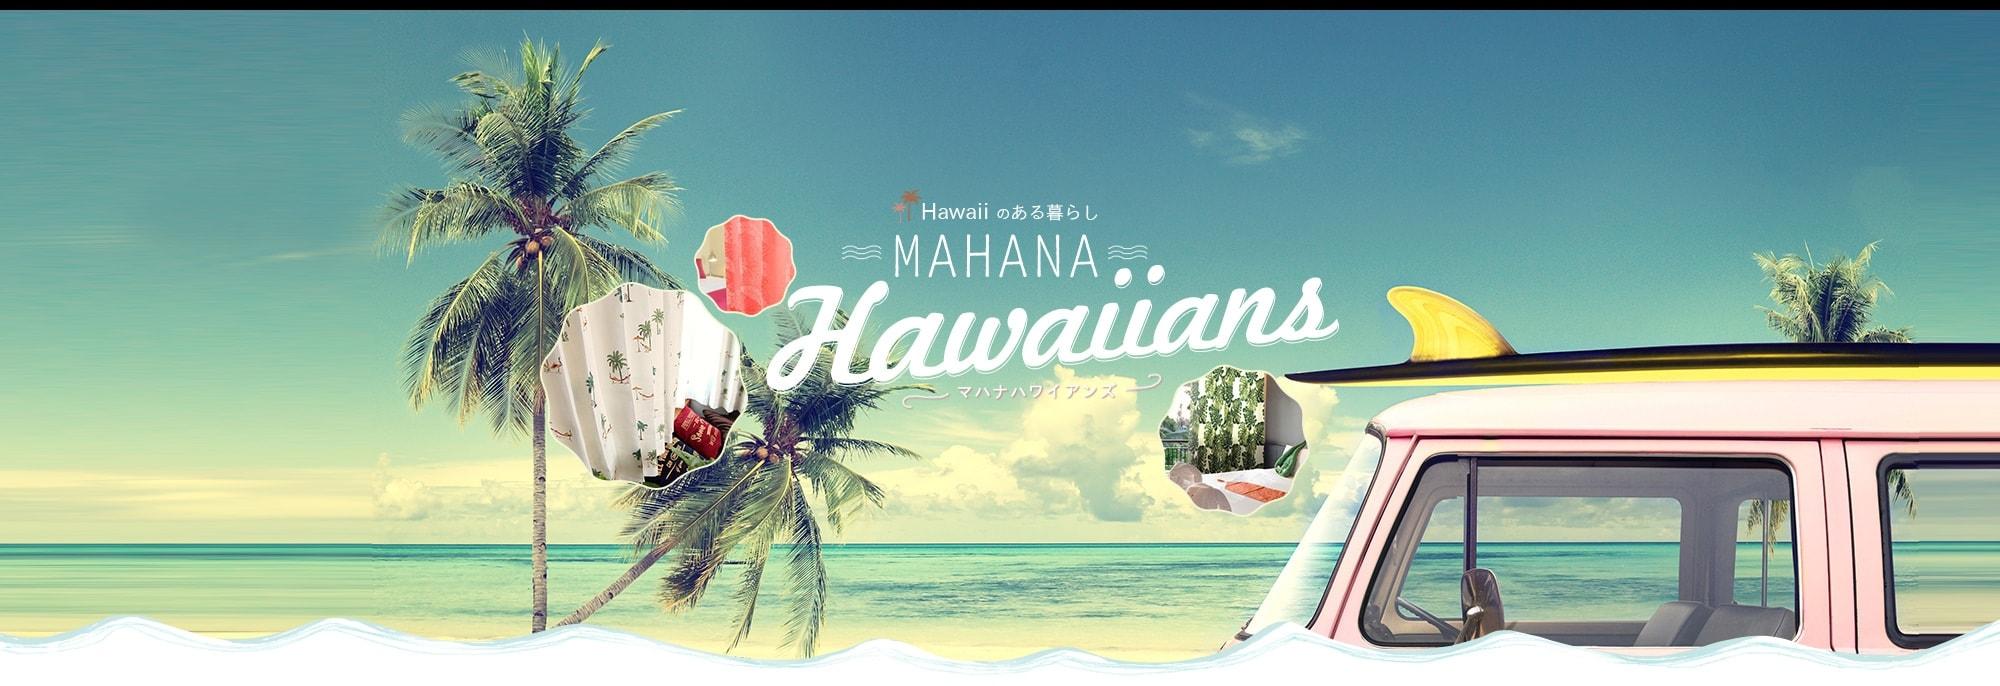 マハナハワイアンズ01